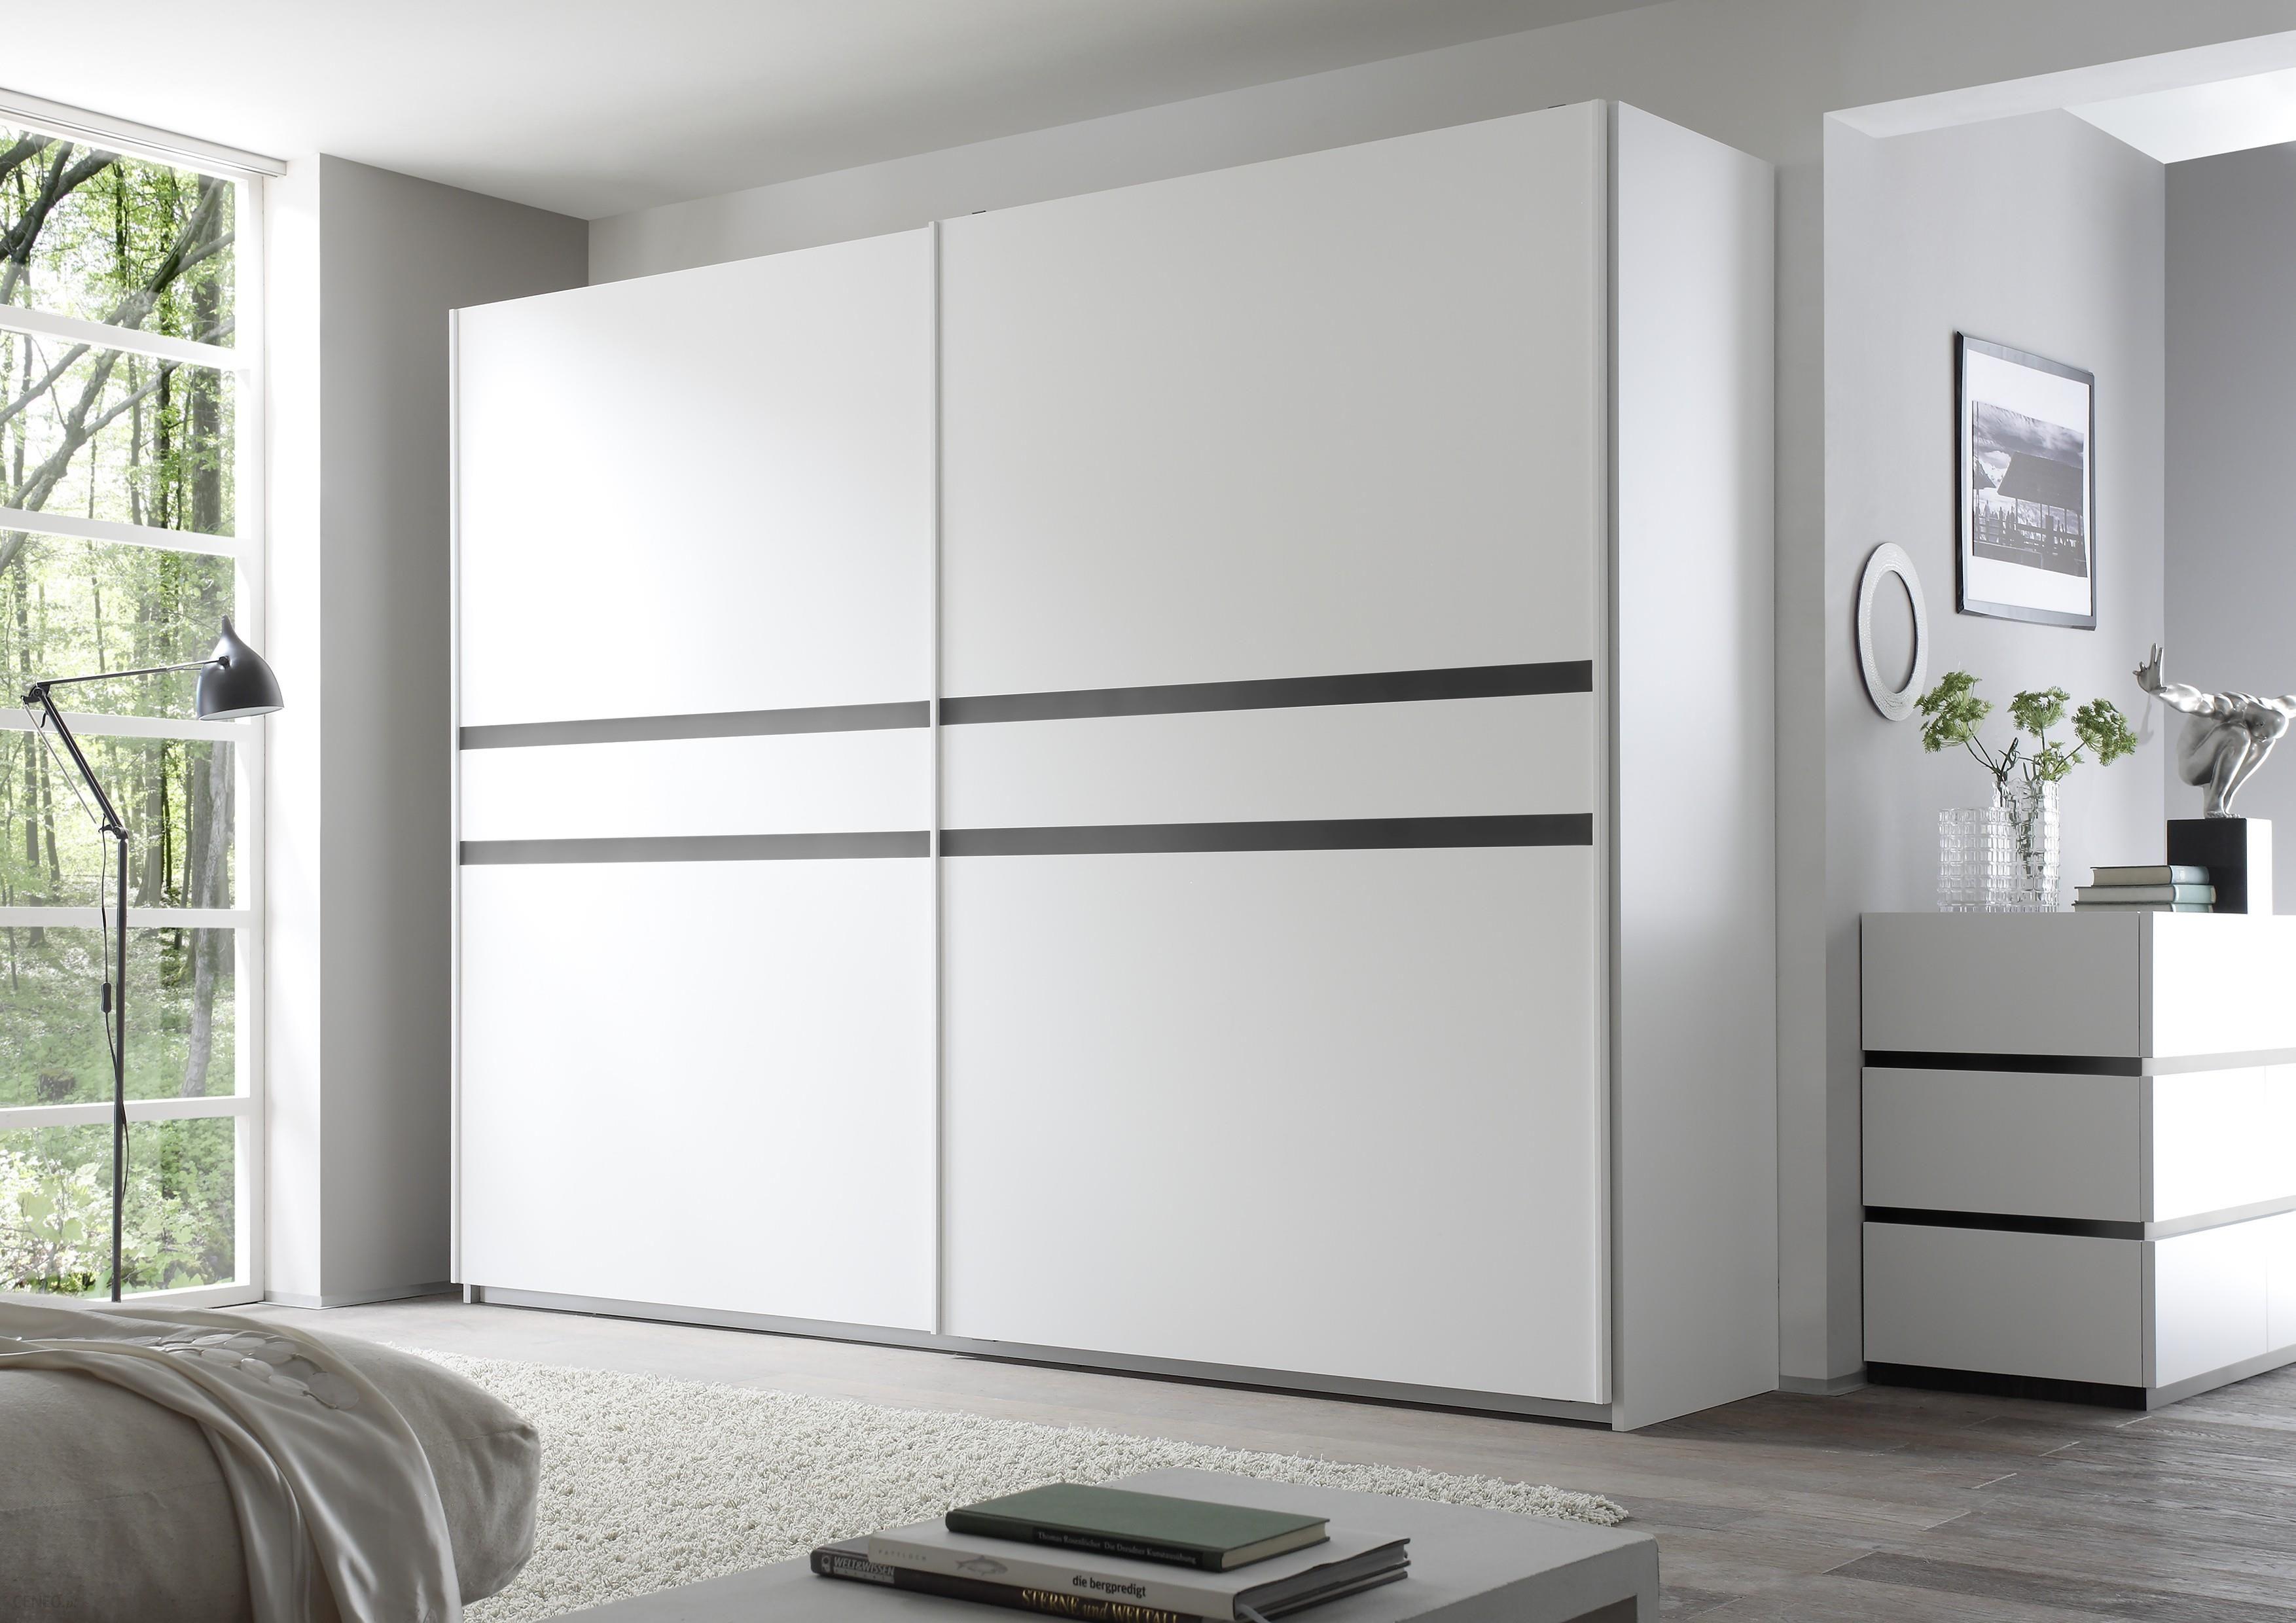 meble24 szafa rexa drzwi przesuwne 280x240x64 opinie i atrakcyjne ceny na. Black Bedroom Furniture Sets. Home Design Ideas